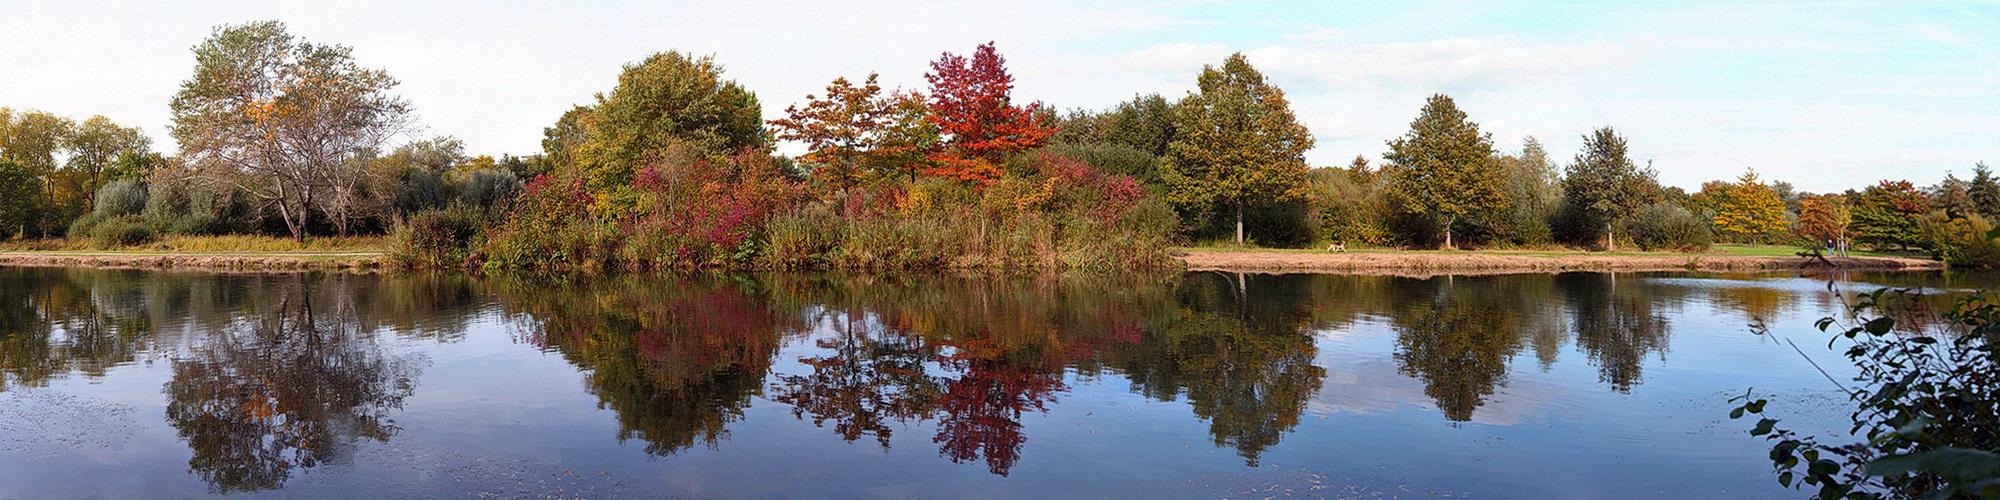 Herbstlich2